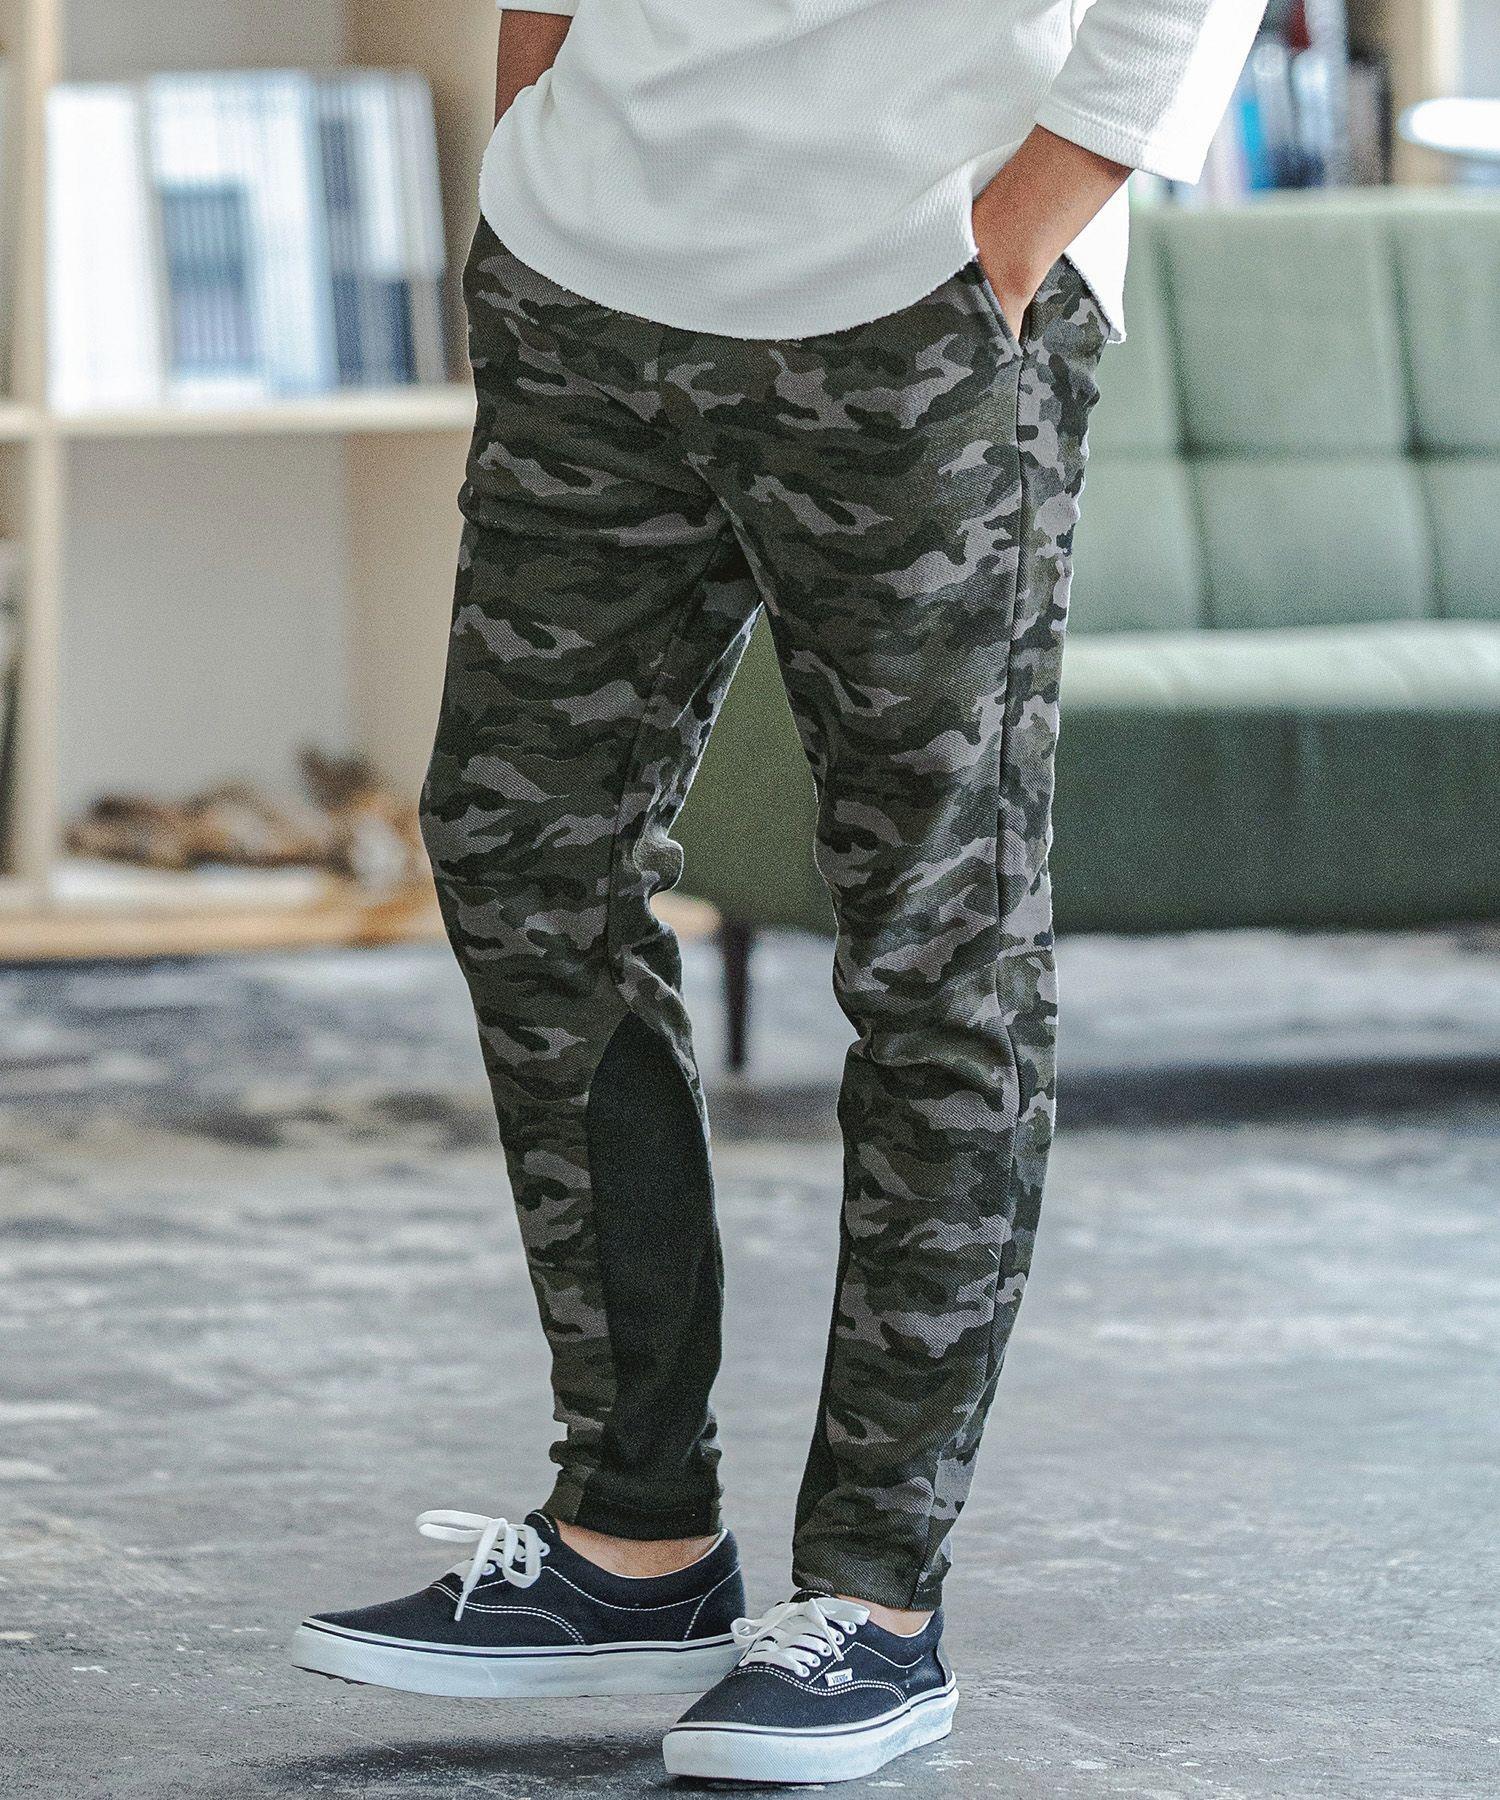 【CAMBIO(カンビオ)】【予約販売10月中旬~下旬入荷】Camouflage Print Sweat Pants スウェットパンツ